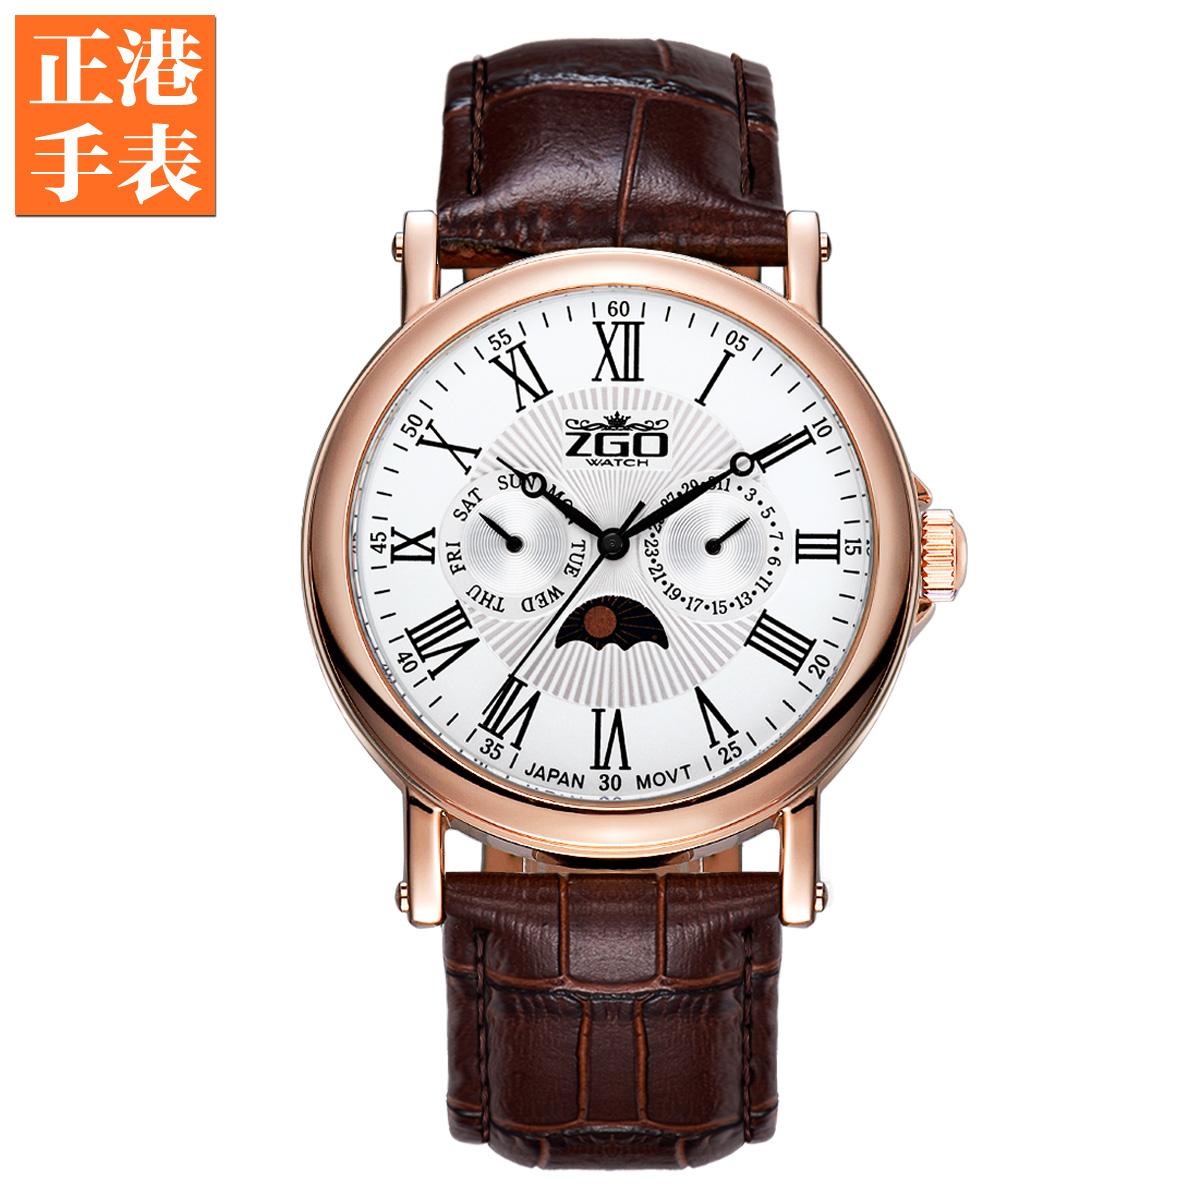 正品ZGO三眼男士手表 真皮皮带防水复古男表 韩版时尚石英表腕表